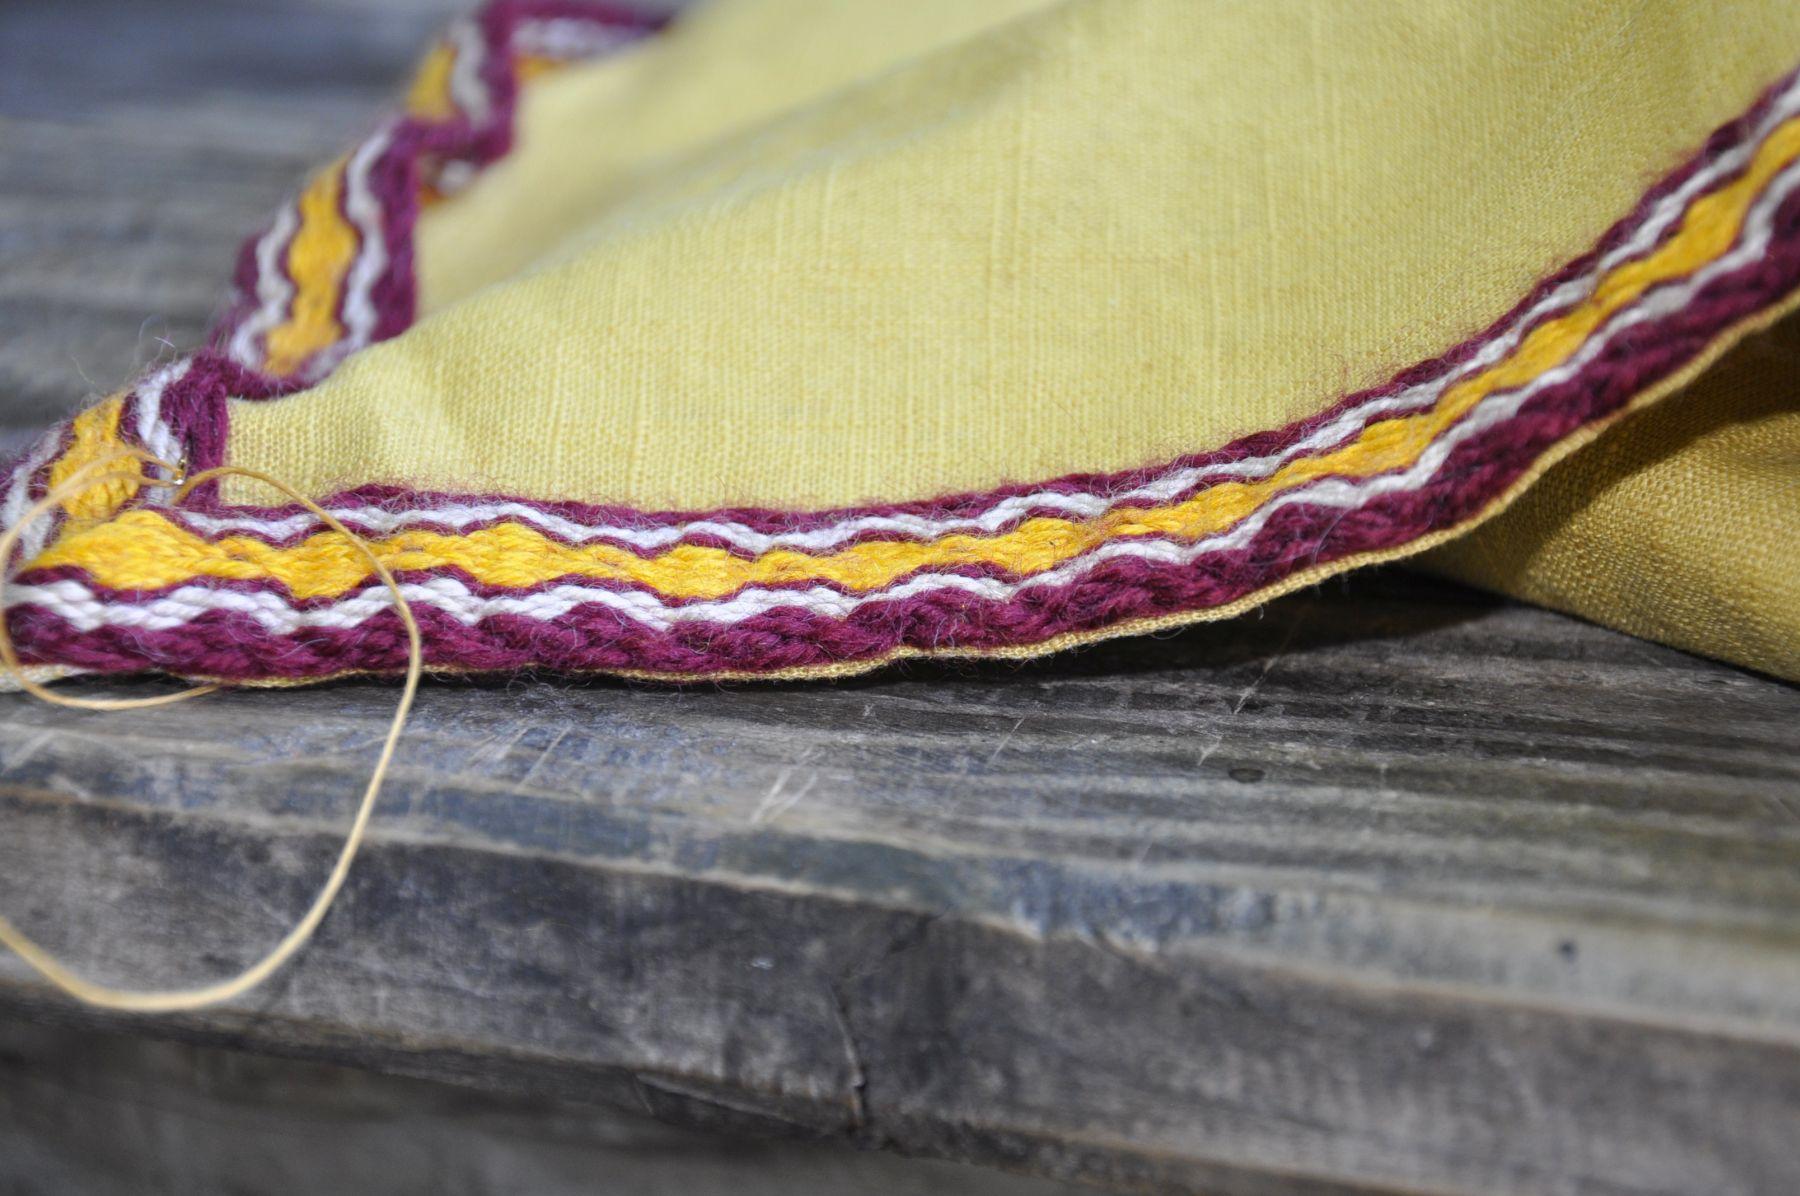 Randa Ardesca Archéosite d'Ardèche - Couture de passementerie sur un peplos